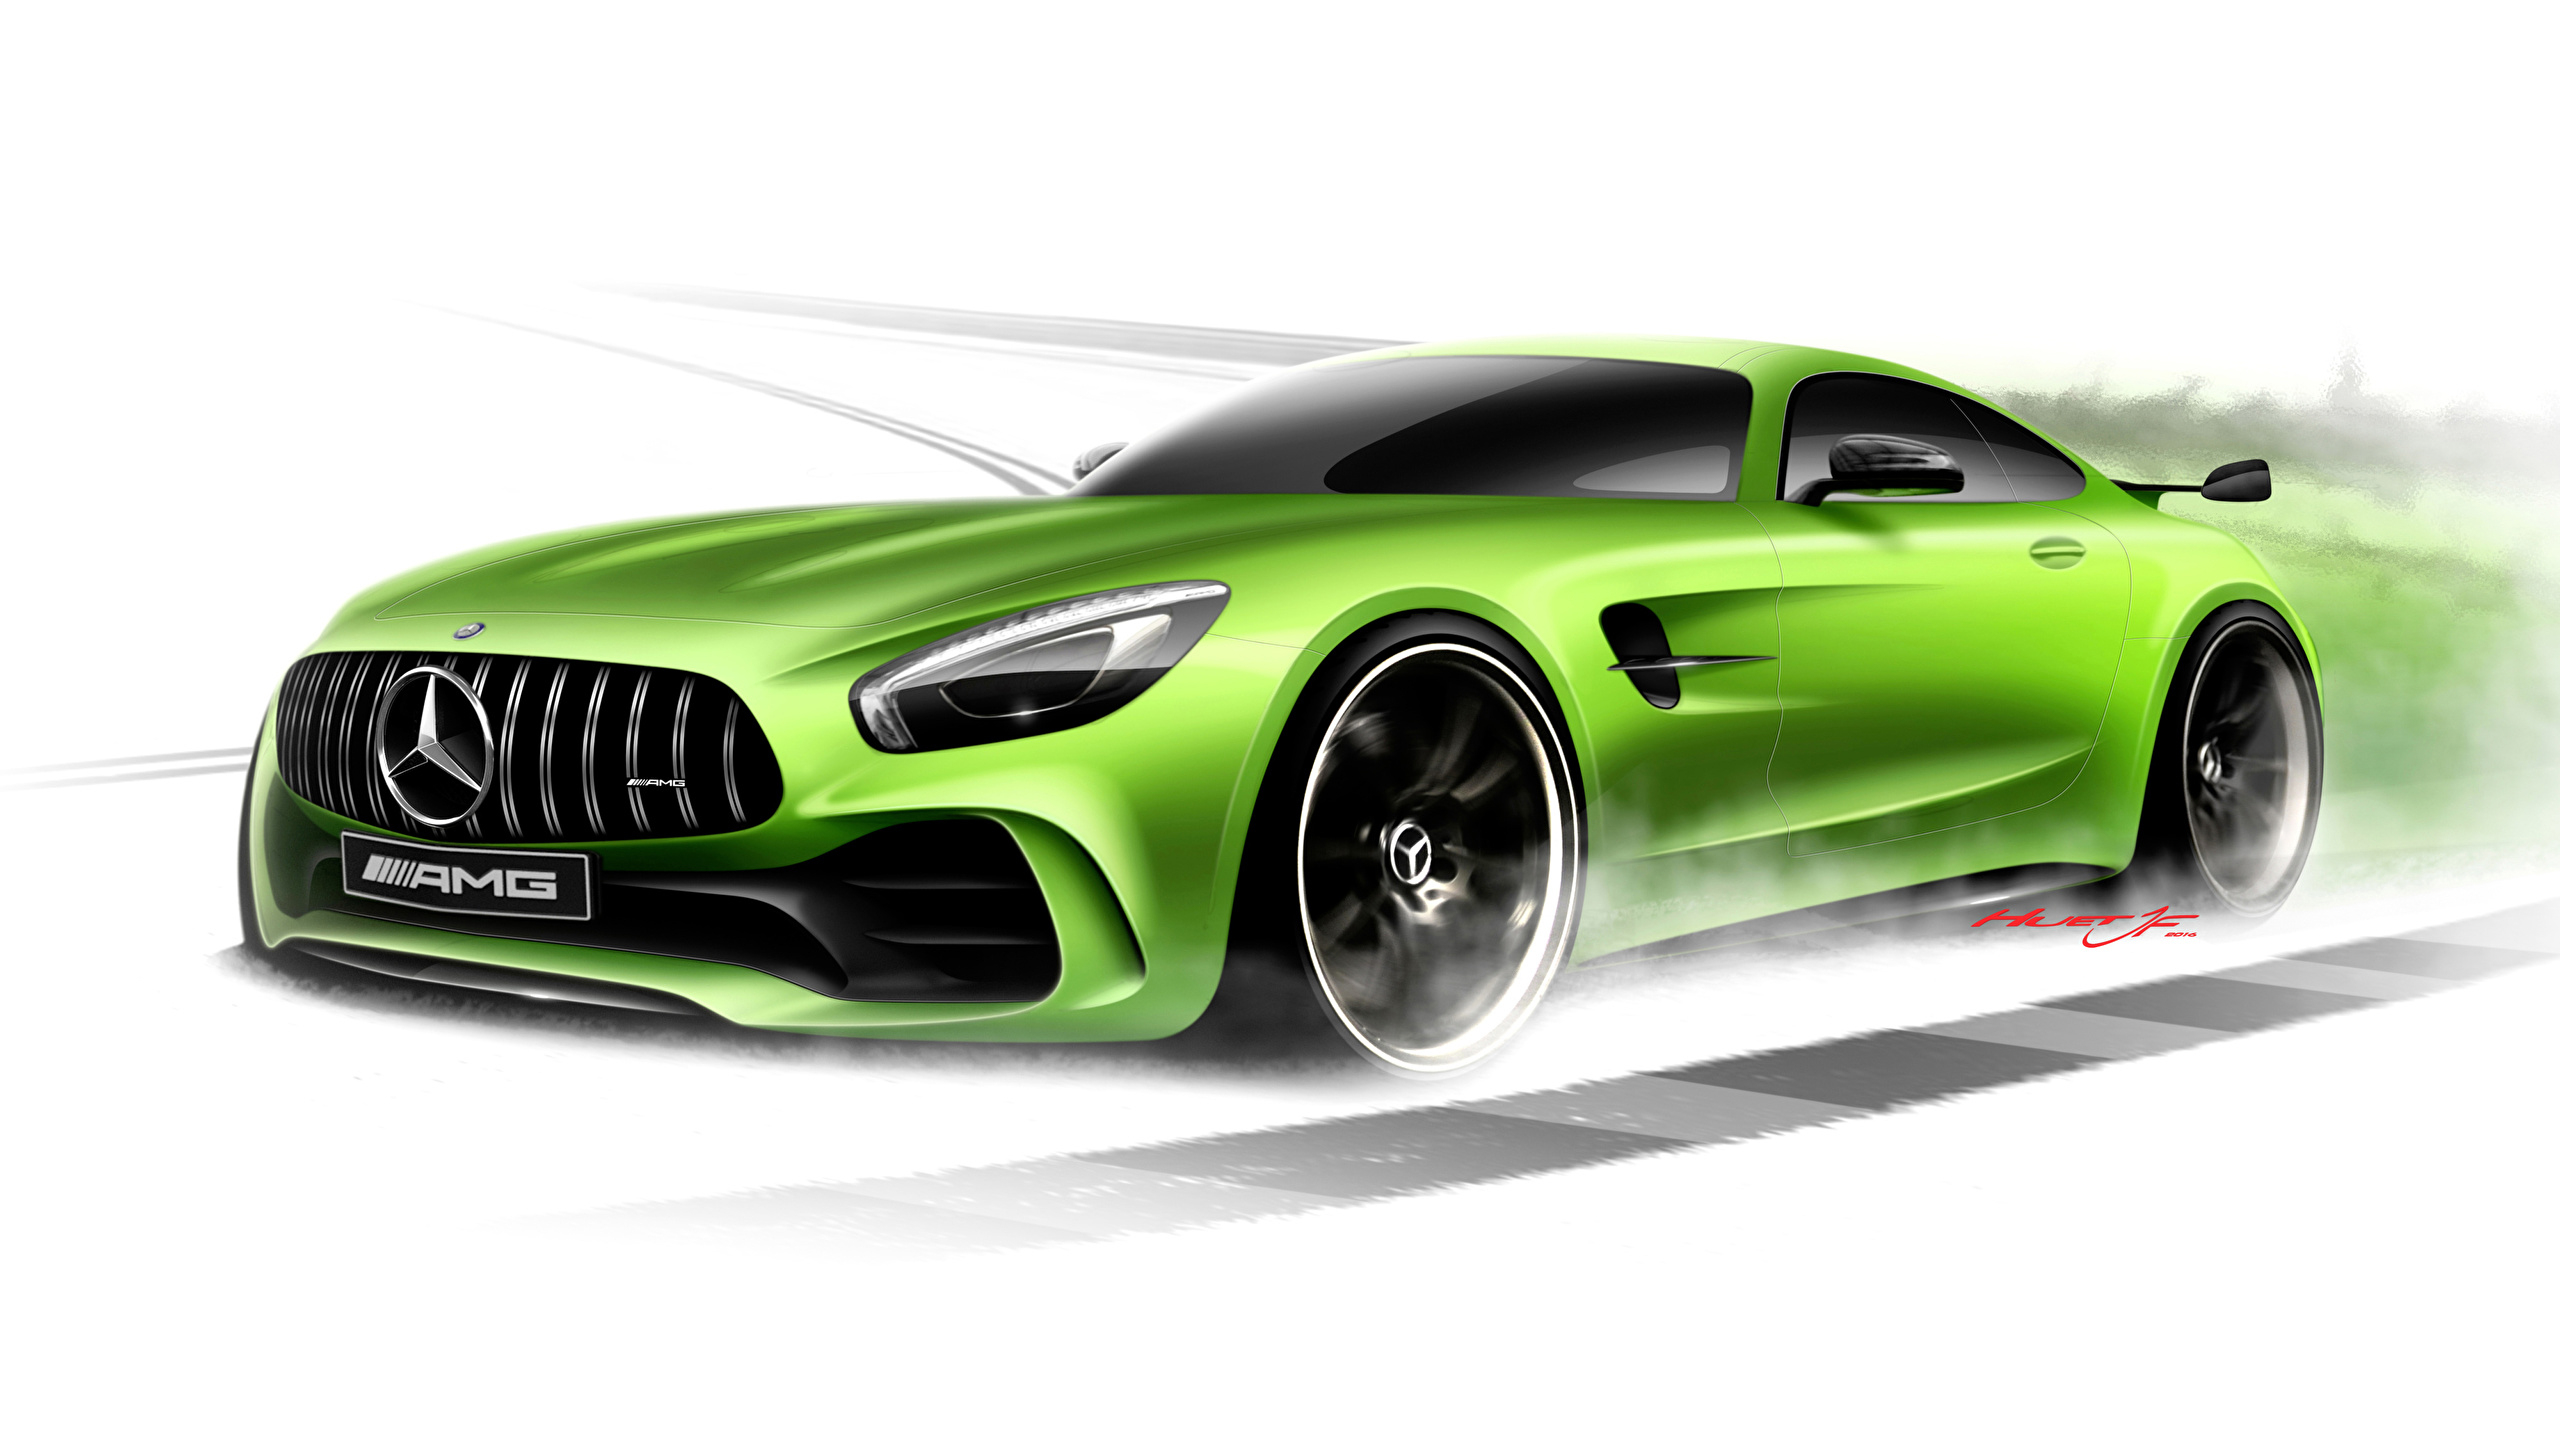 Fotos Mercedes-Benz Amg Gt3 C190 Hellgrüne Auto Gezeichnet innen Auto Bilder Gezeichnet